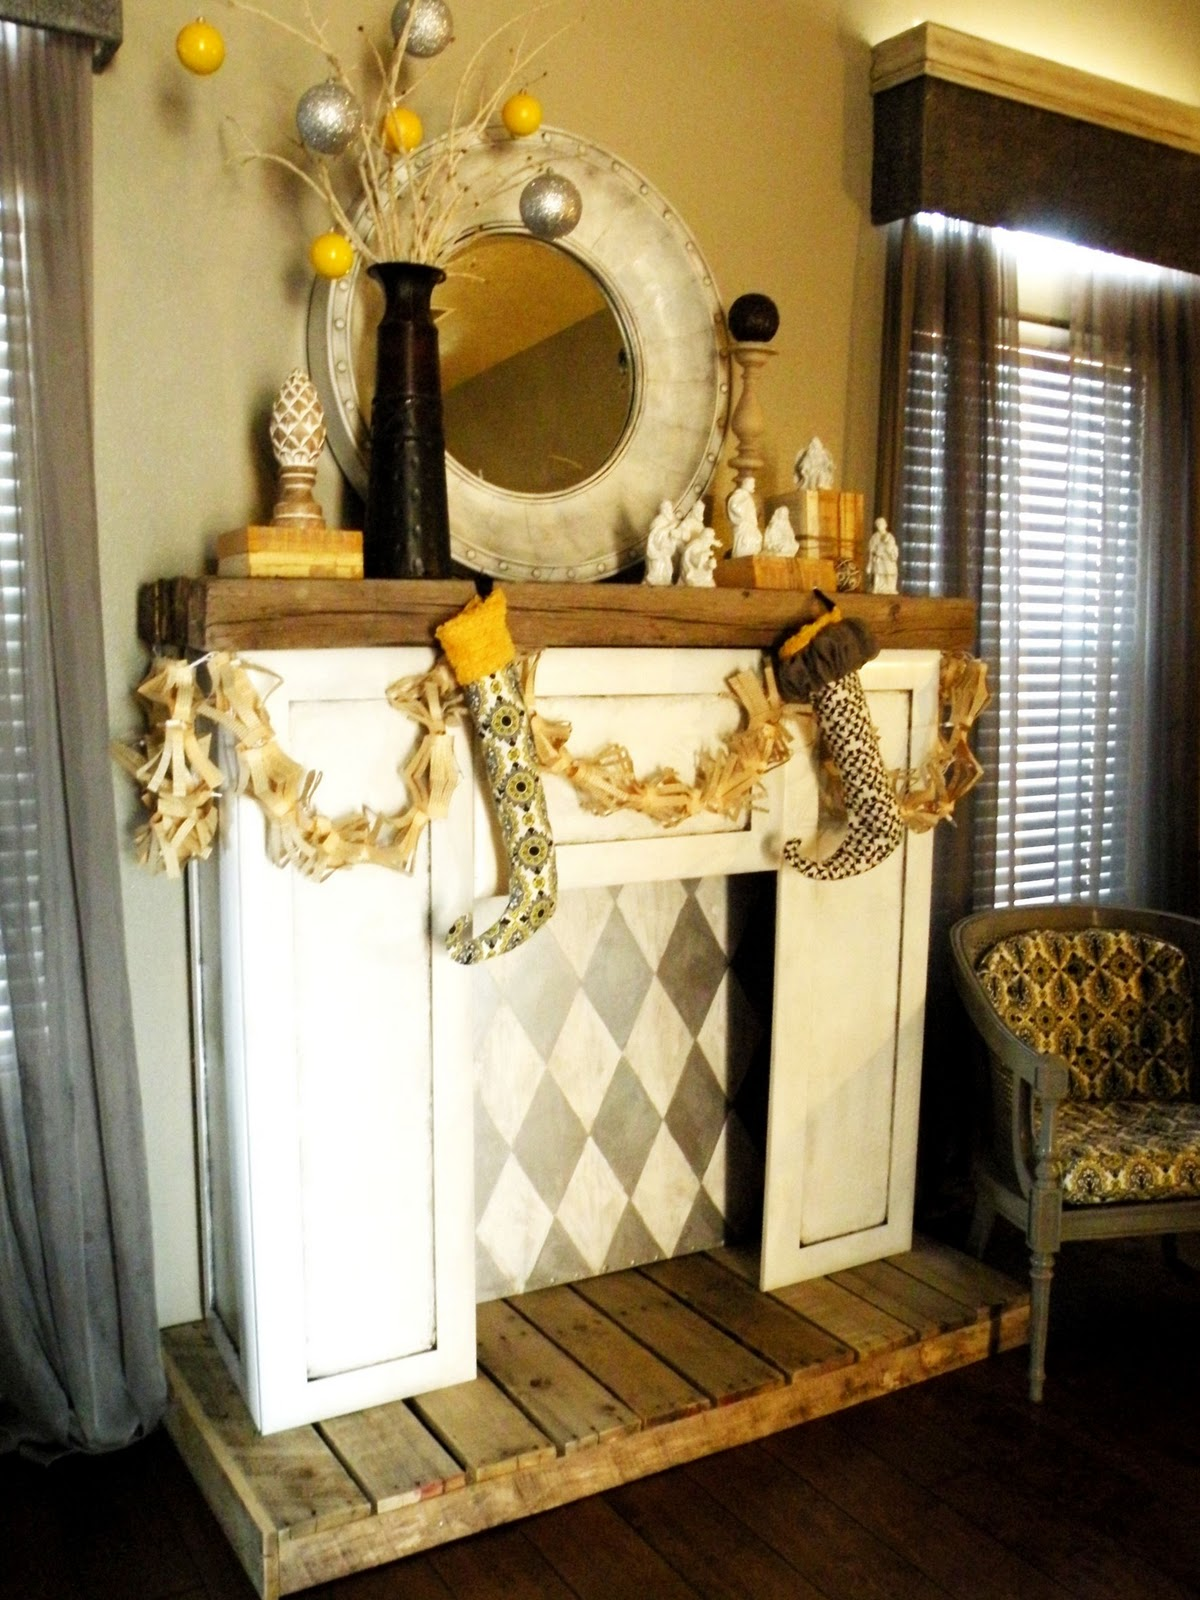 diy faux fireplace • vintage revivals